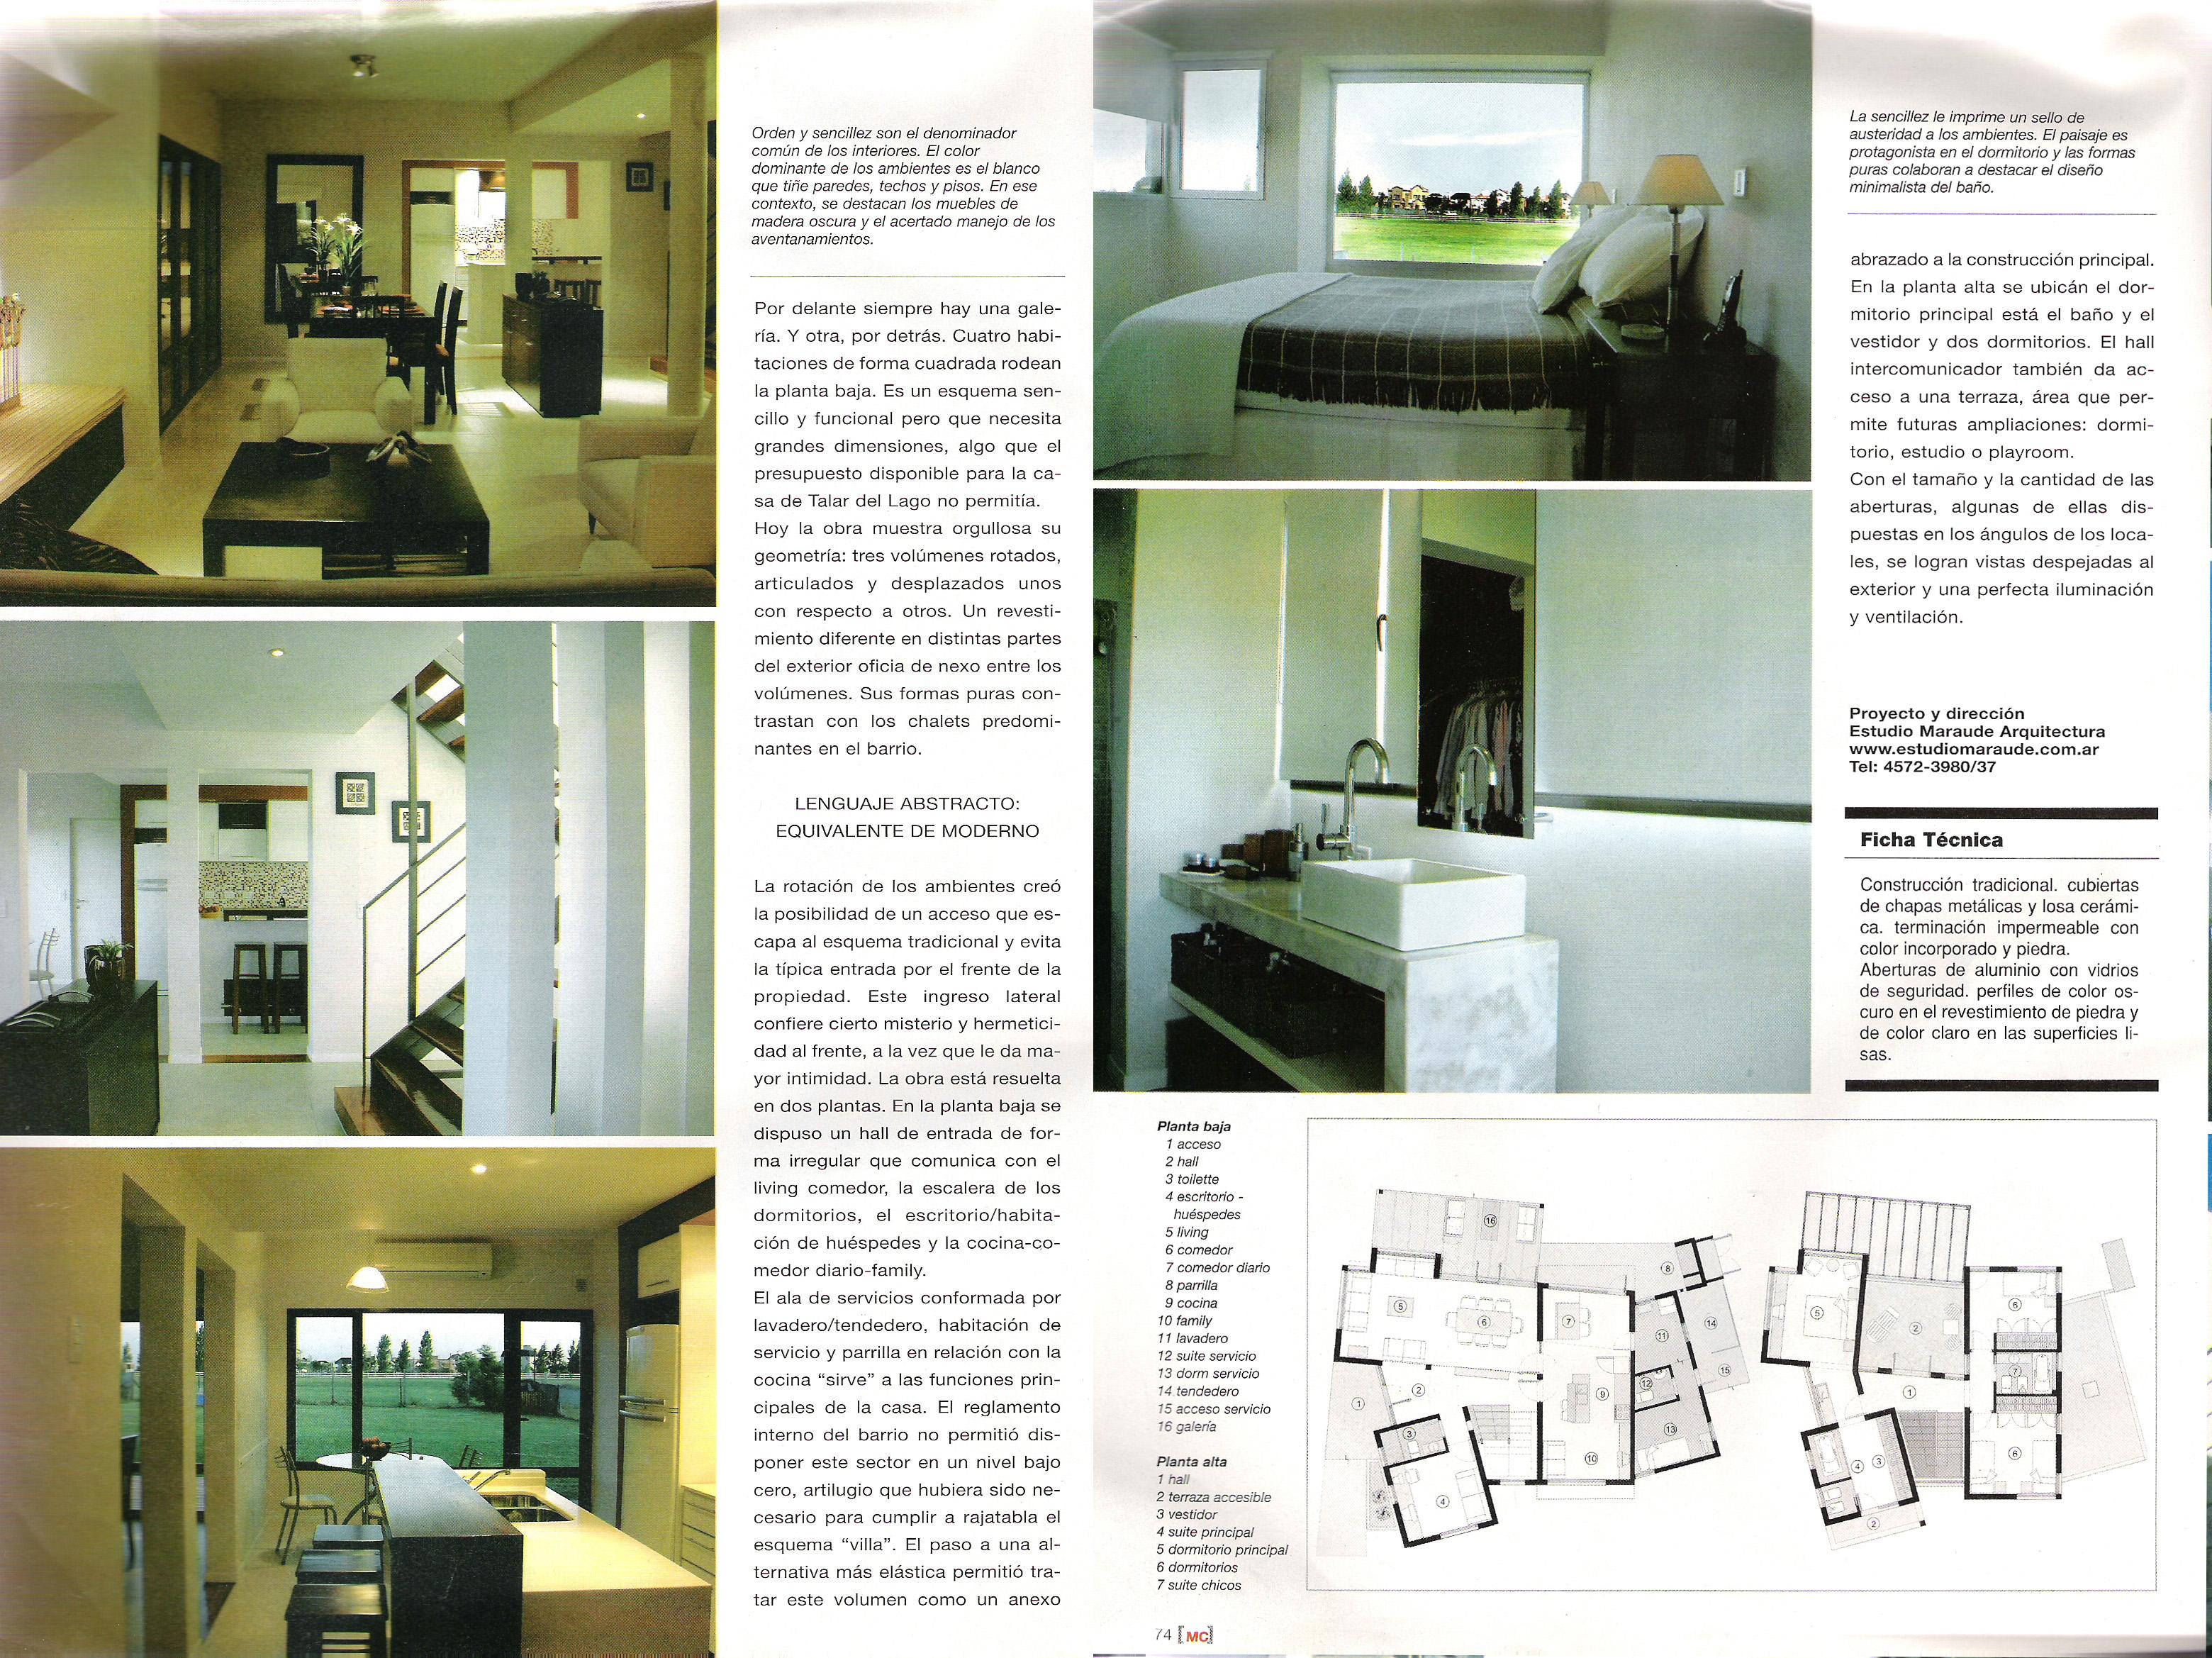 publicacion mujer country - Casa en Talar del Lago II nro 160 - hoja 3 y 4